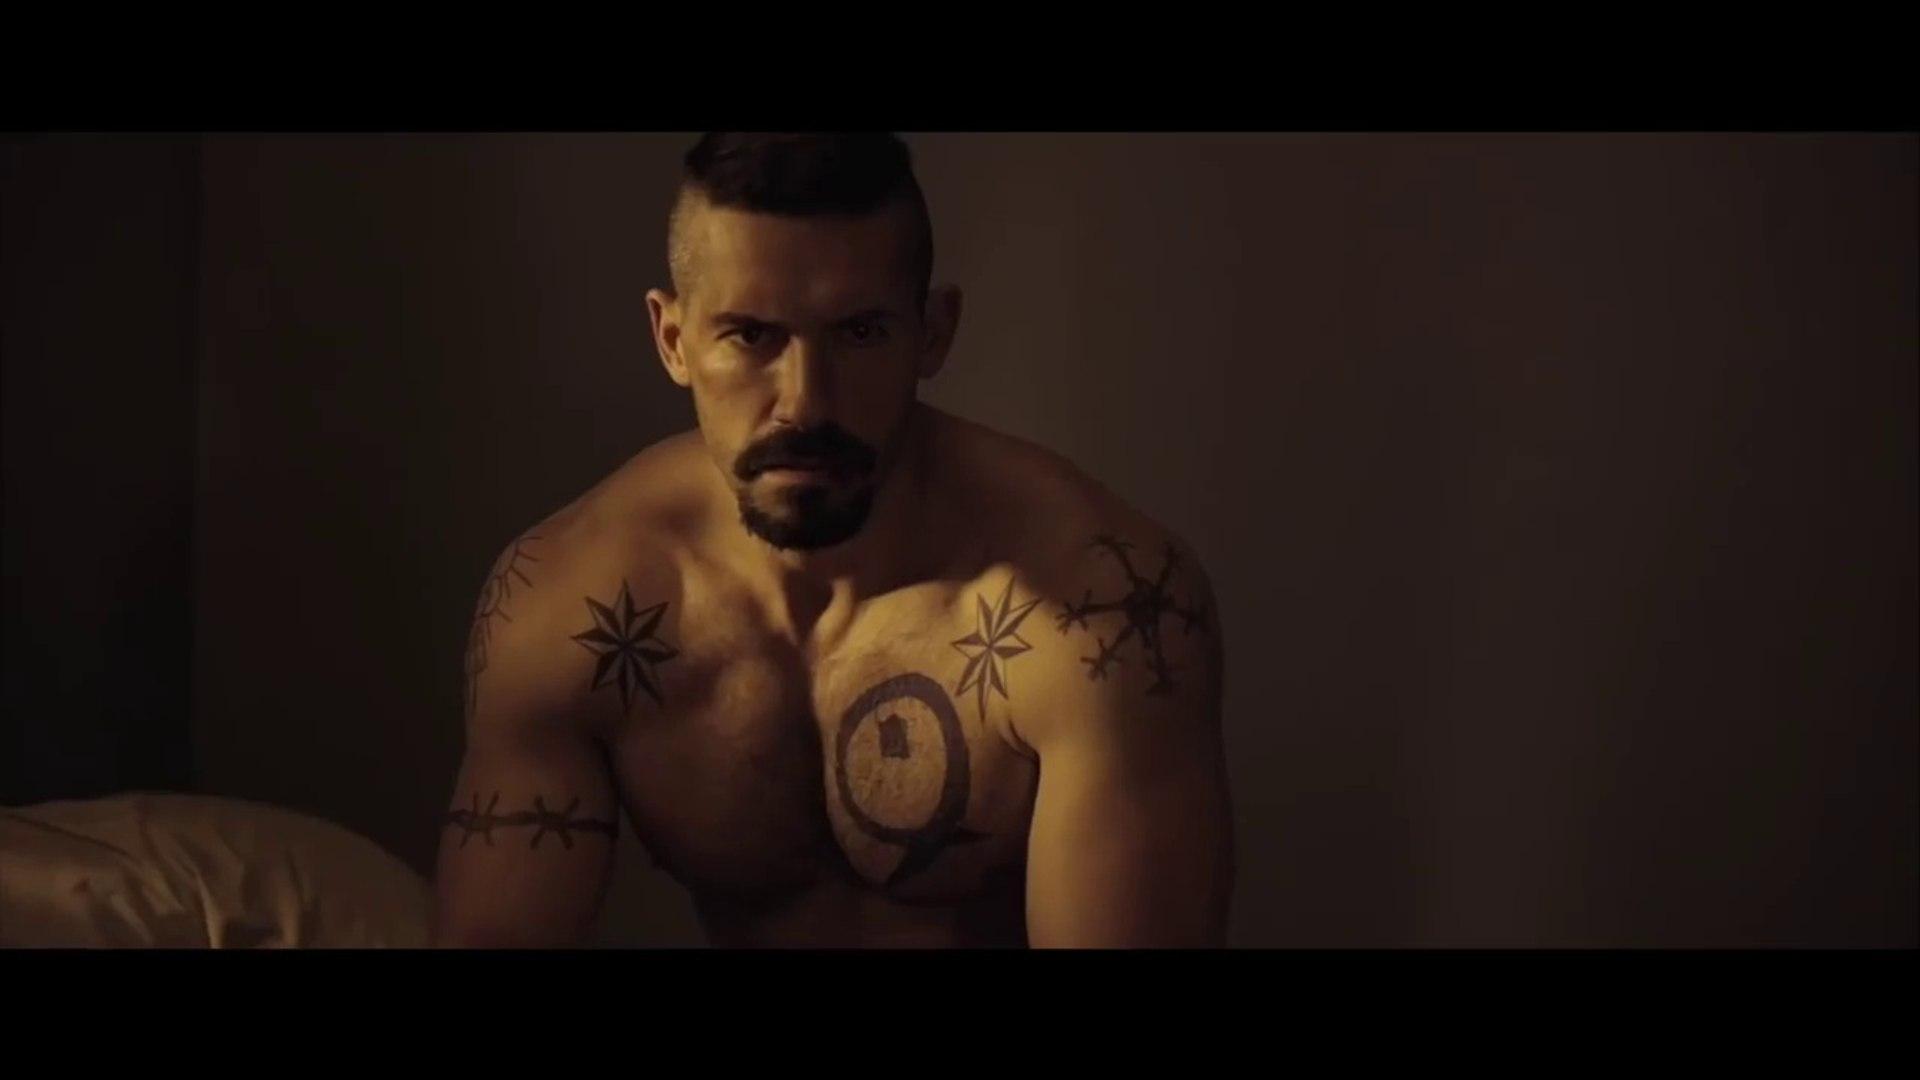 Yenilmez 4 - Boyka Undisputed IV - Türkçe Altyazılı Final Fragman İzle -  Aksiyon Filmi 2017